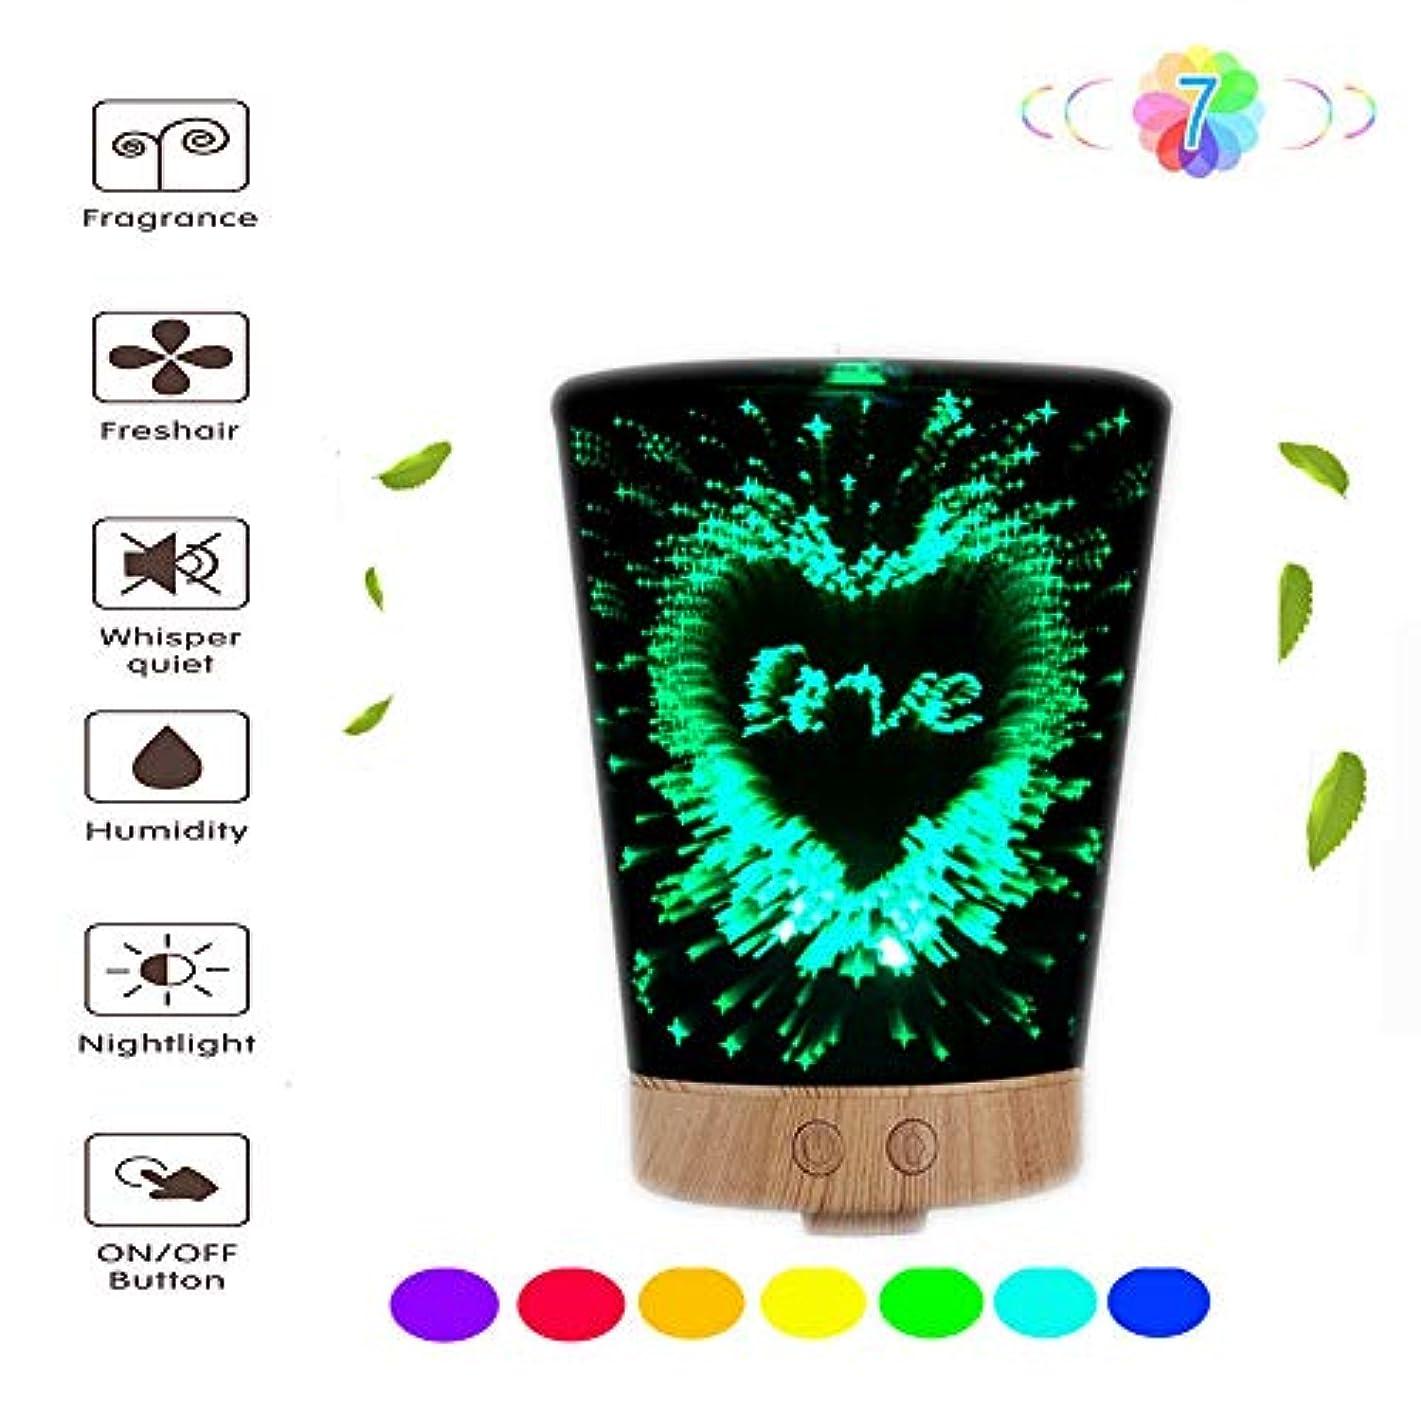 聖職者簡単なテレックス100mlエッセンシャルオイルディフューザー - 3Dガラスアロマ加湿器 - 7色ナイトライト - 自動ウォーターレスシャットダウン - 超音波アロマディフューザー